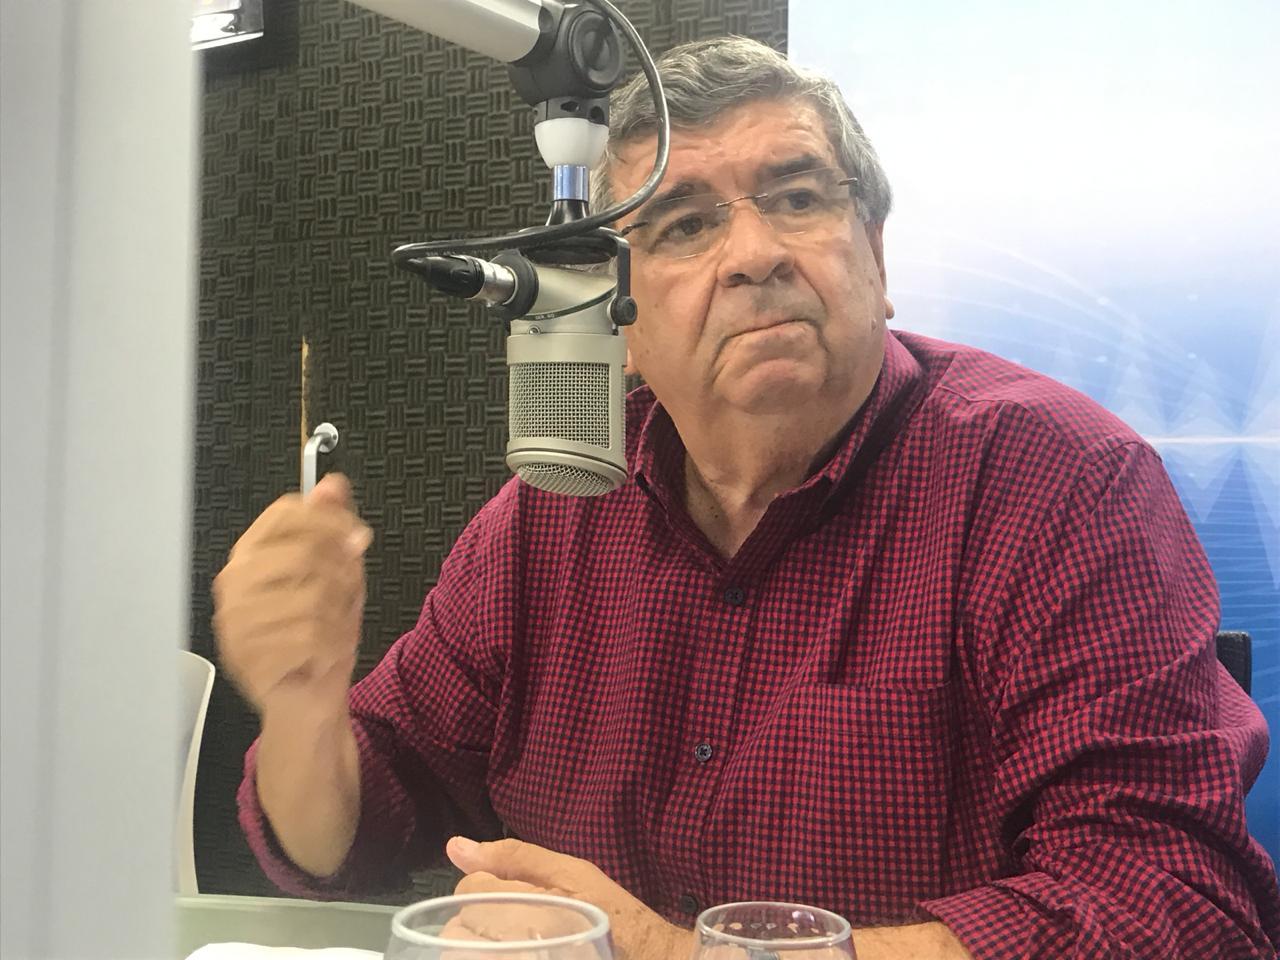 WhatsApp Image 2018 09 25 at 2.25.12 PM - Roberto Paulino revela que segundo voto de senador irá para candidato da esquerda - VEJA VÍDEOS!